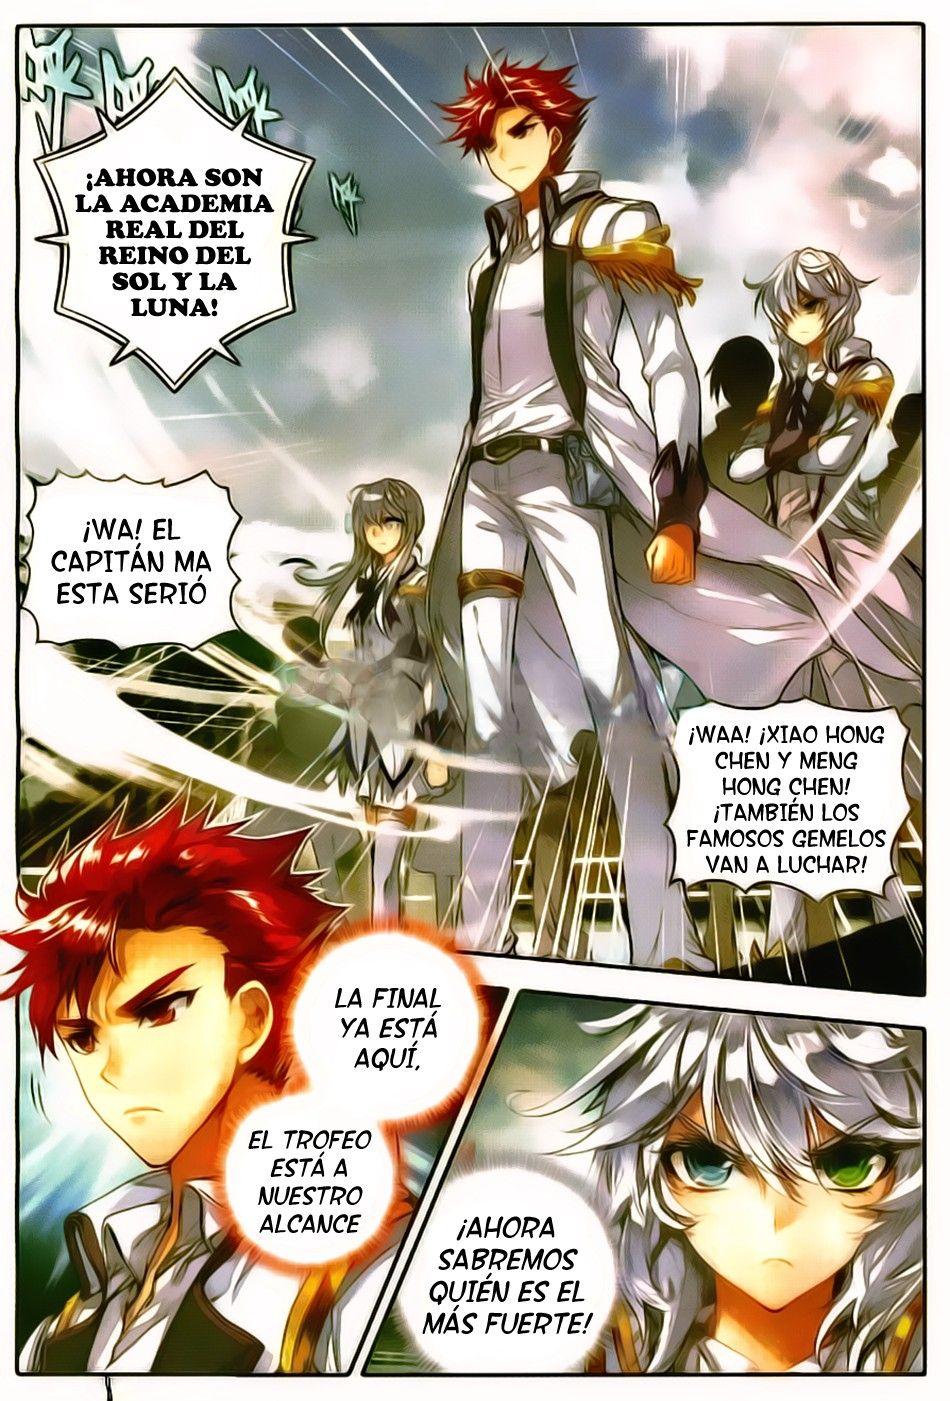 https://c5.ninemanga.com/es_manga/pic2/33/16417/514027/b7efa1995f74c054a5ebdfd68f3844dc.jpg Page 4